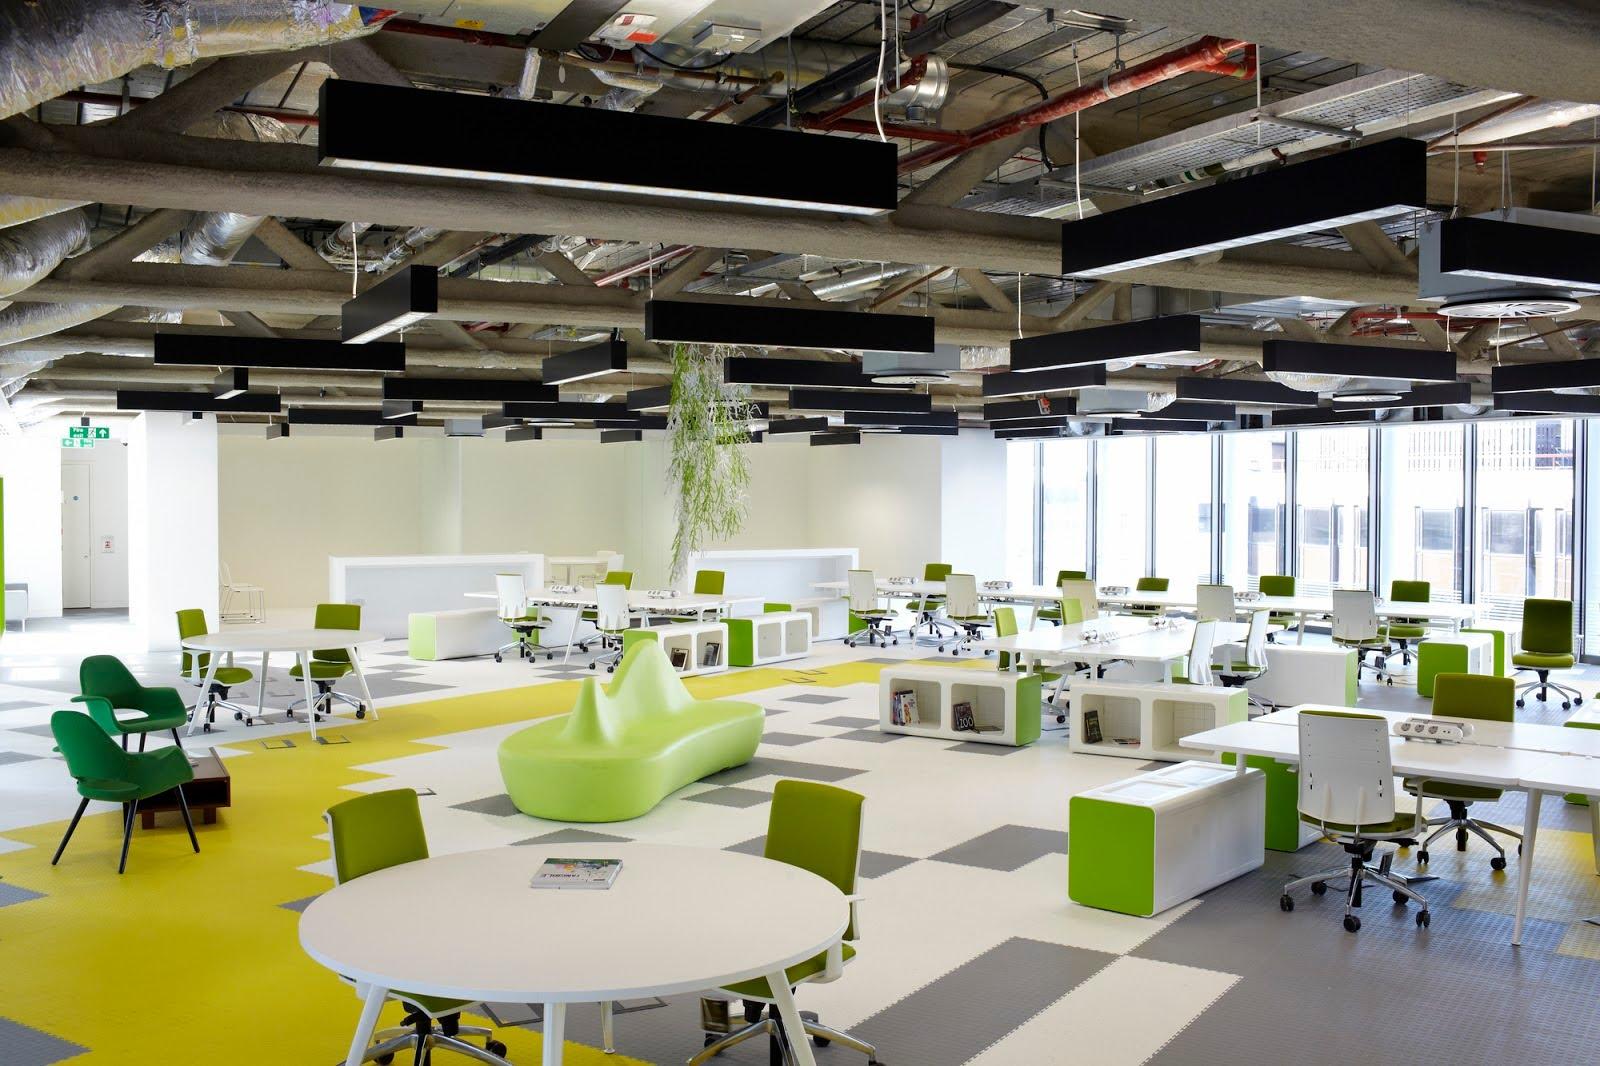 Khái niệm văn phòng cho các doanh nghiệp